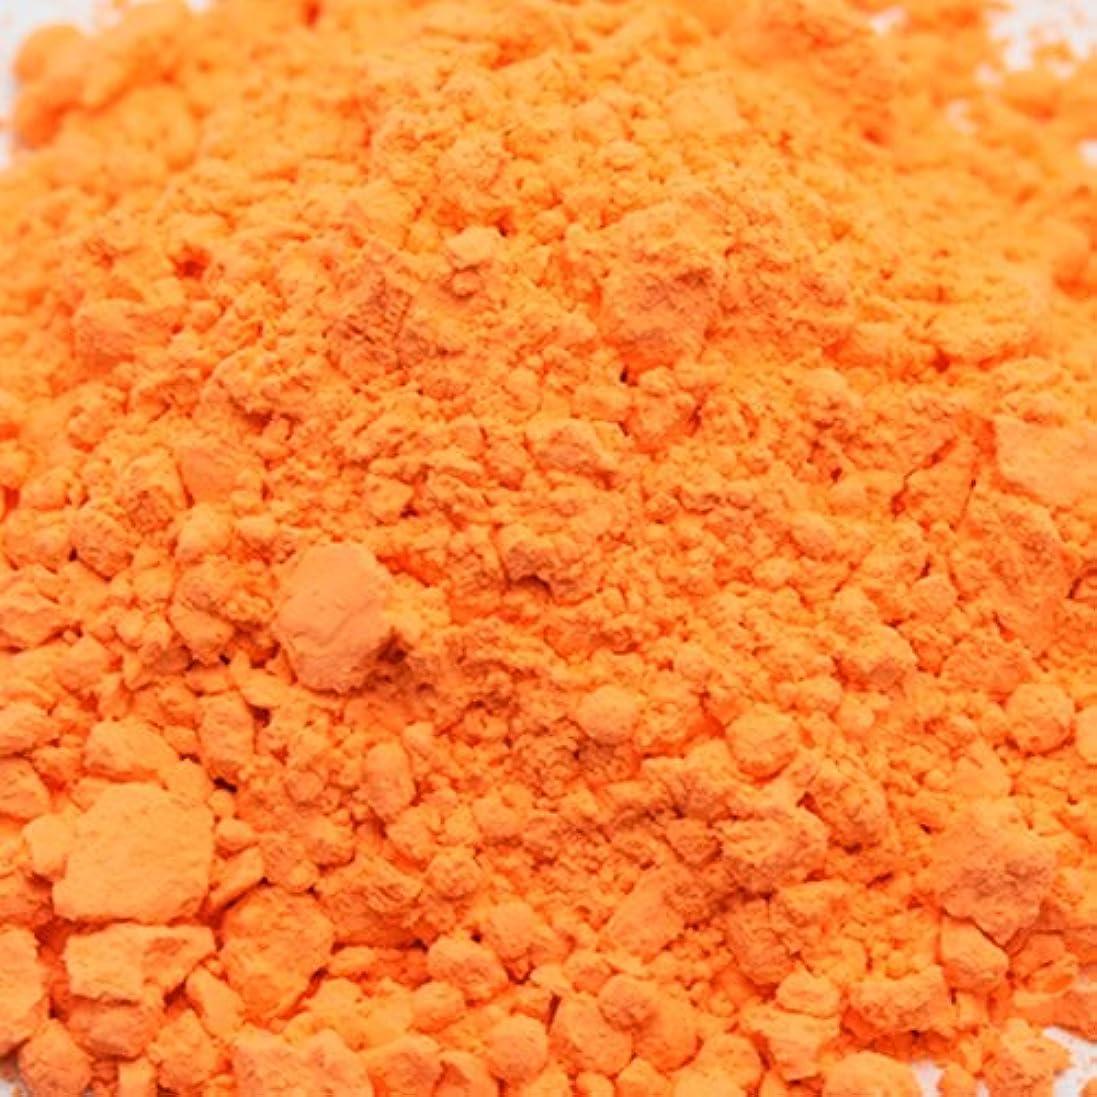 邪悪な対事業キャンディカラー オレンジ 5g 【手作り石鹸/手作りコスメ/色付け/カラーラント/オレンジ】